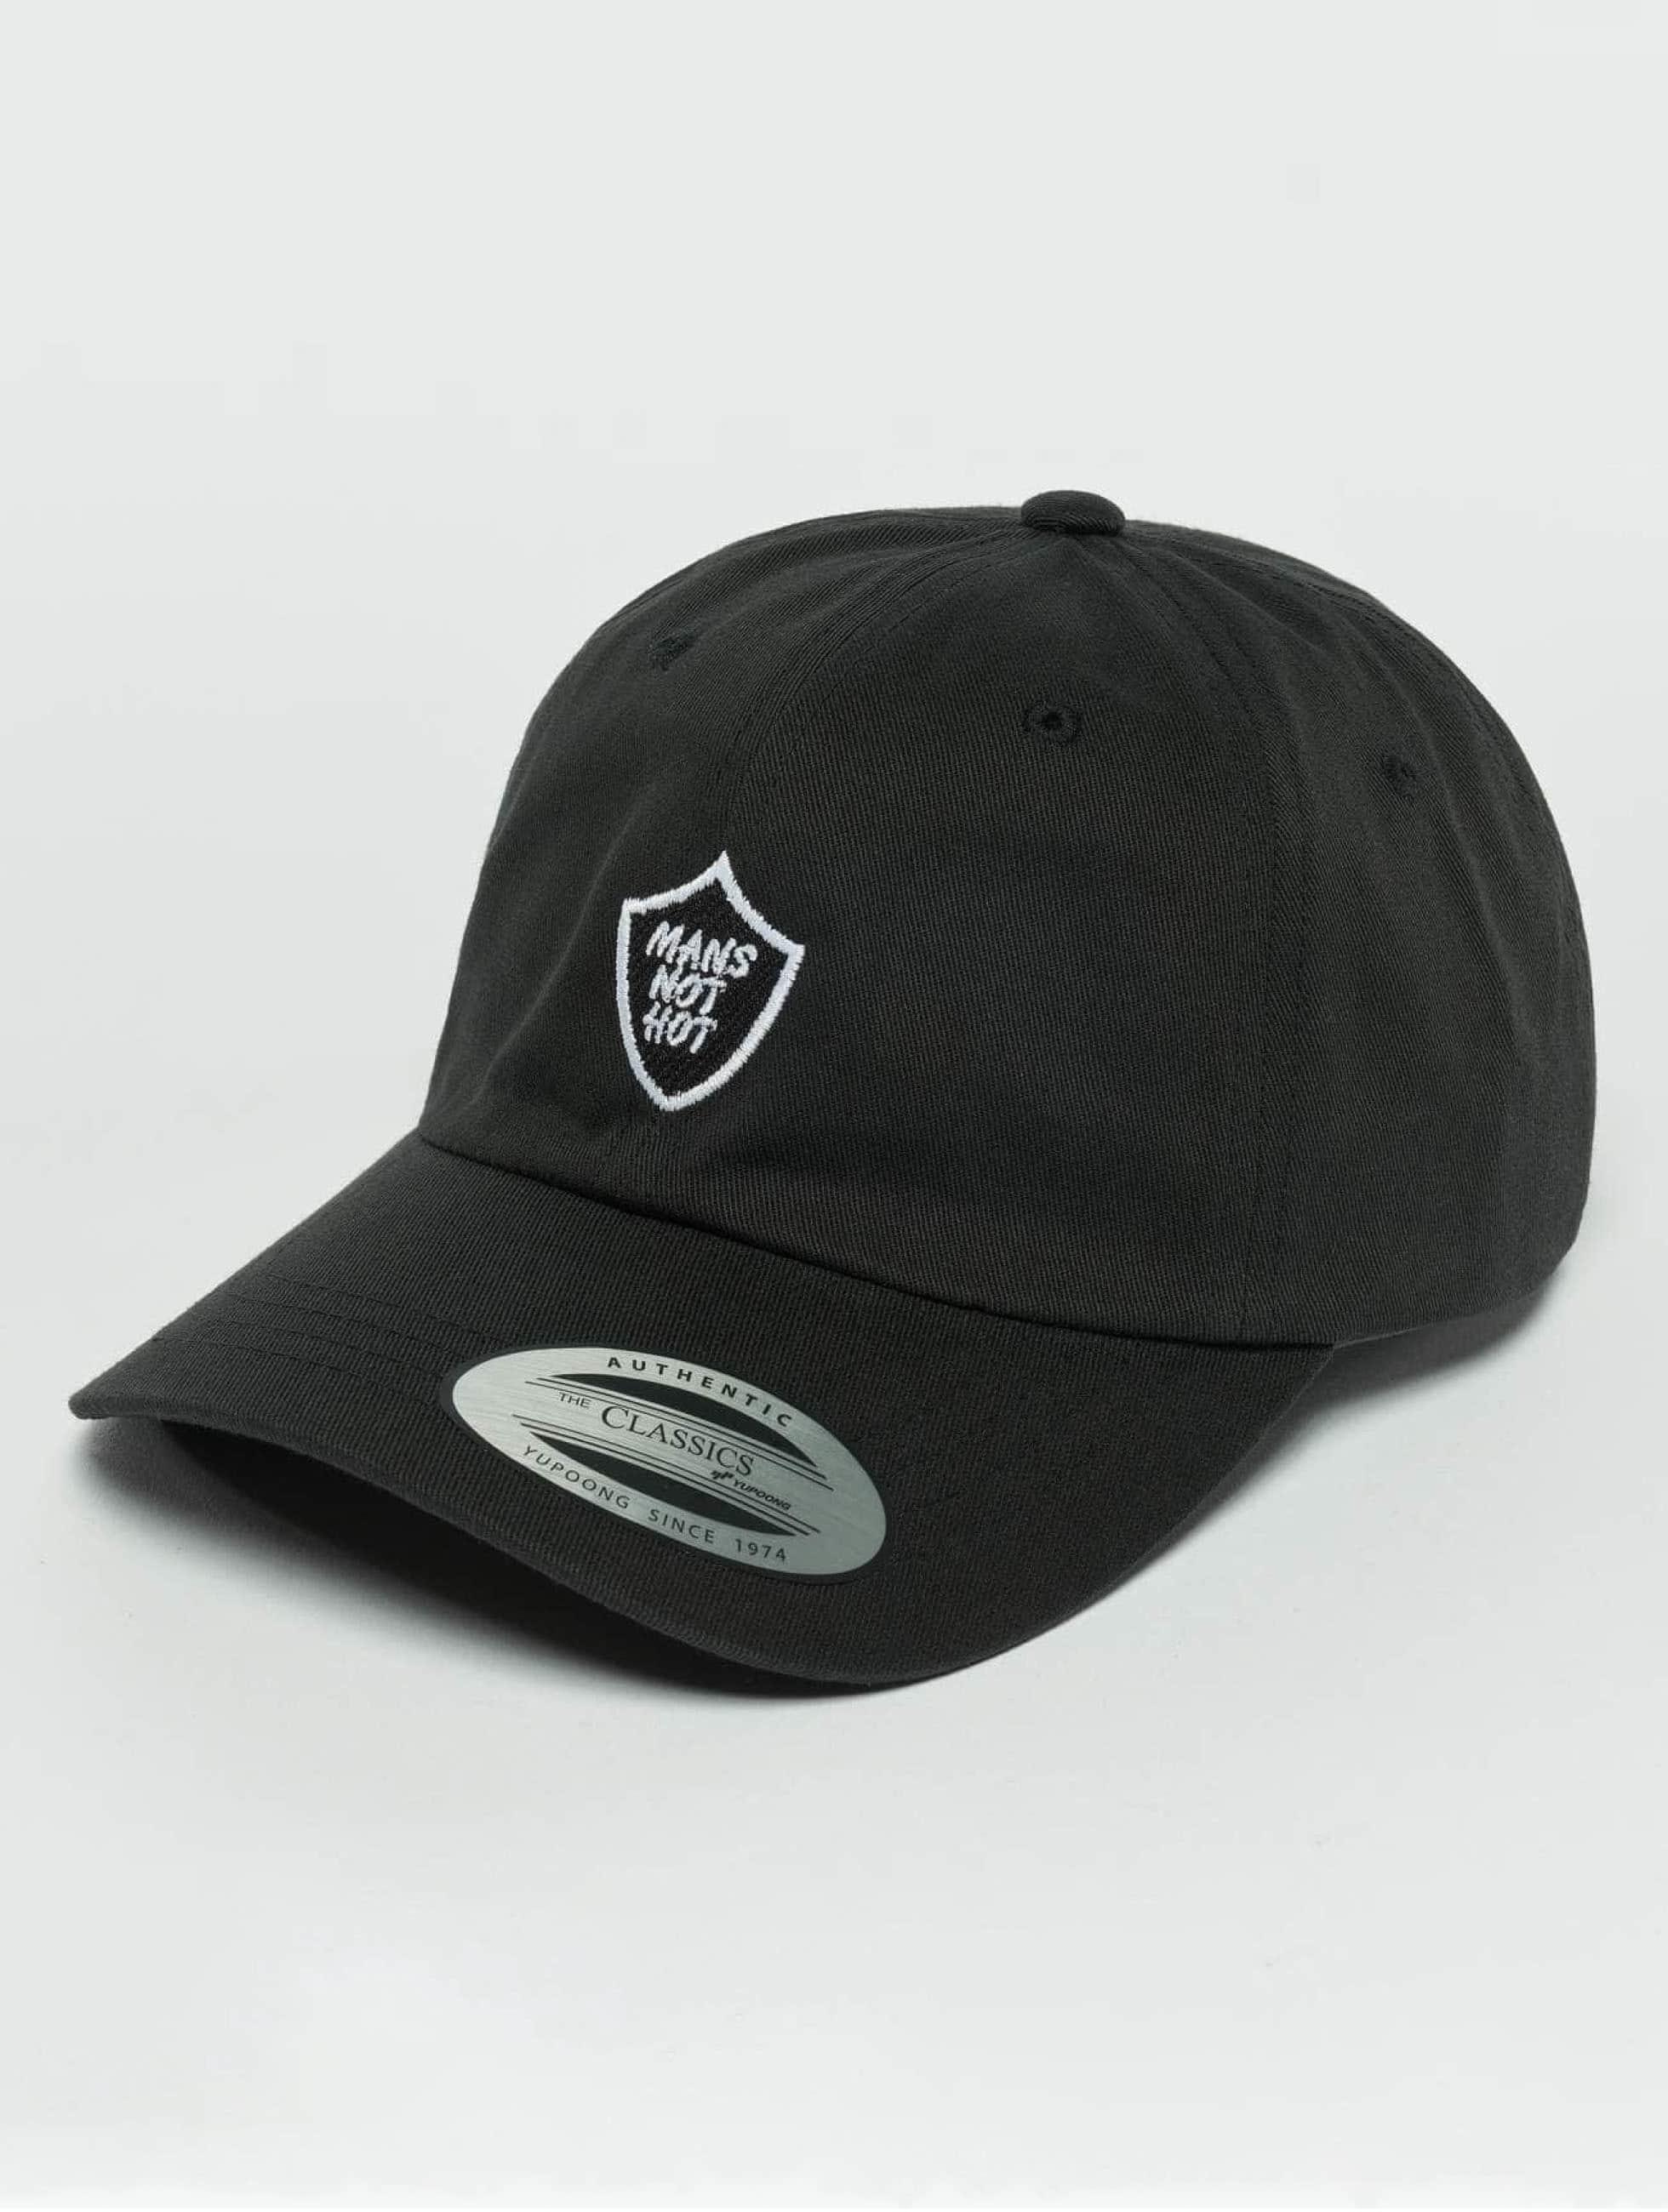 TurnUP Snapback Caps Not Hot czarny